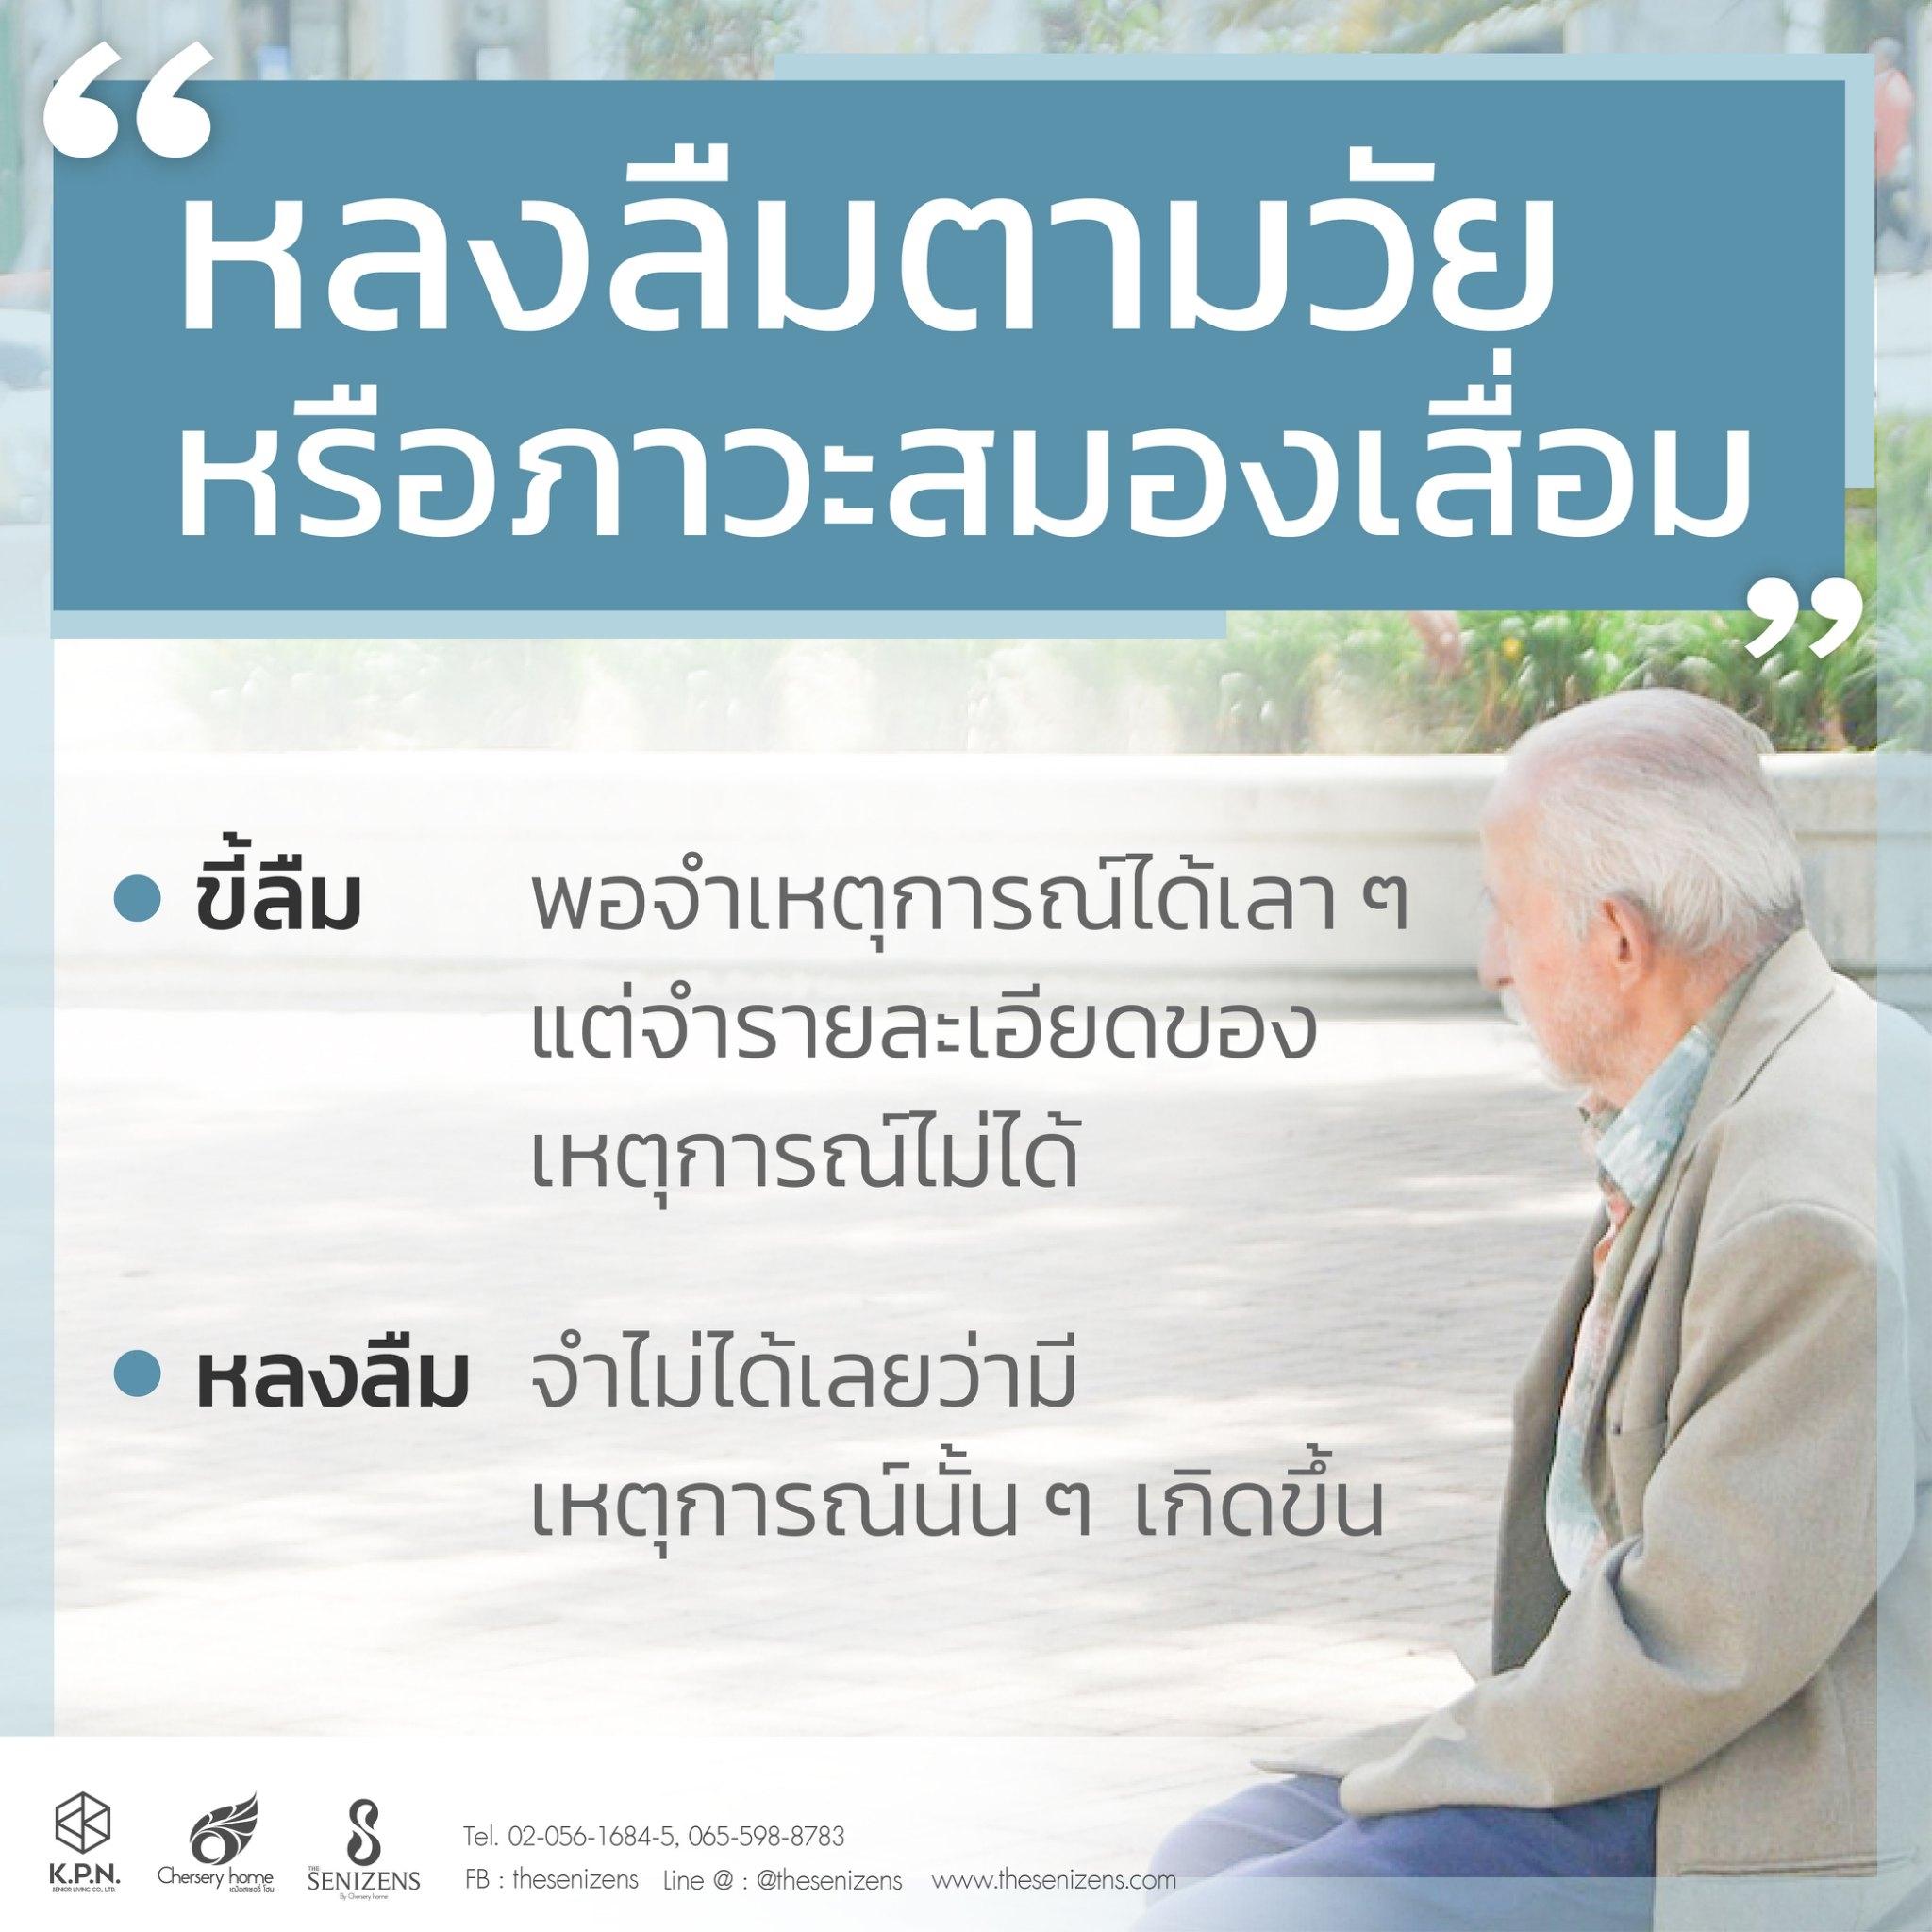 อาการหลงลืมจากภาวะสมองเสื่อมในผู้สูงอายุ ❘ รพ. ผู้สูงอายุ และศูนย์เวชศาสตร์ฟื้นฟู